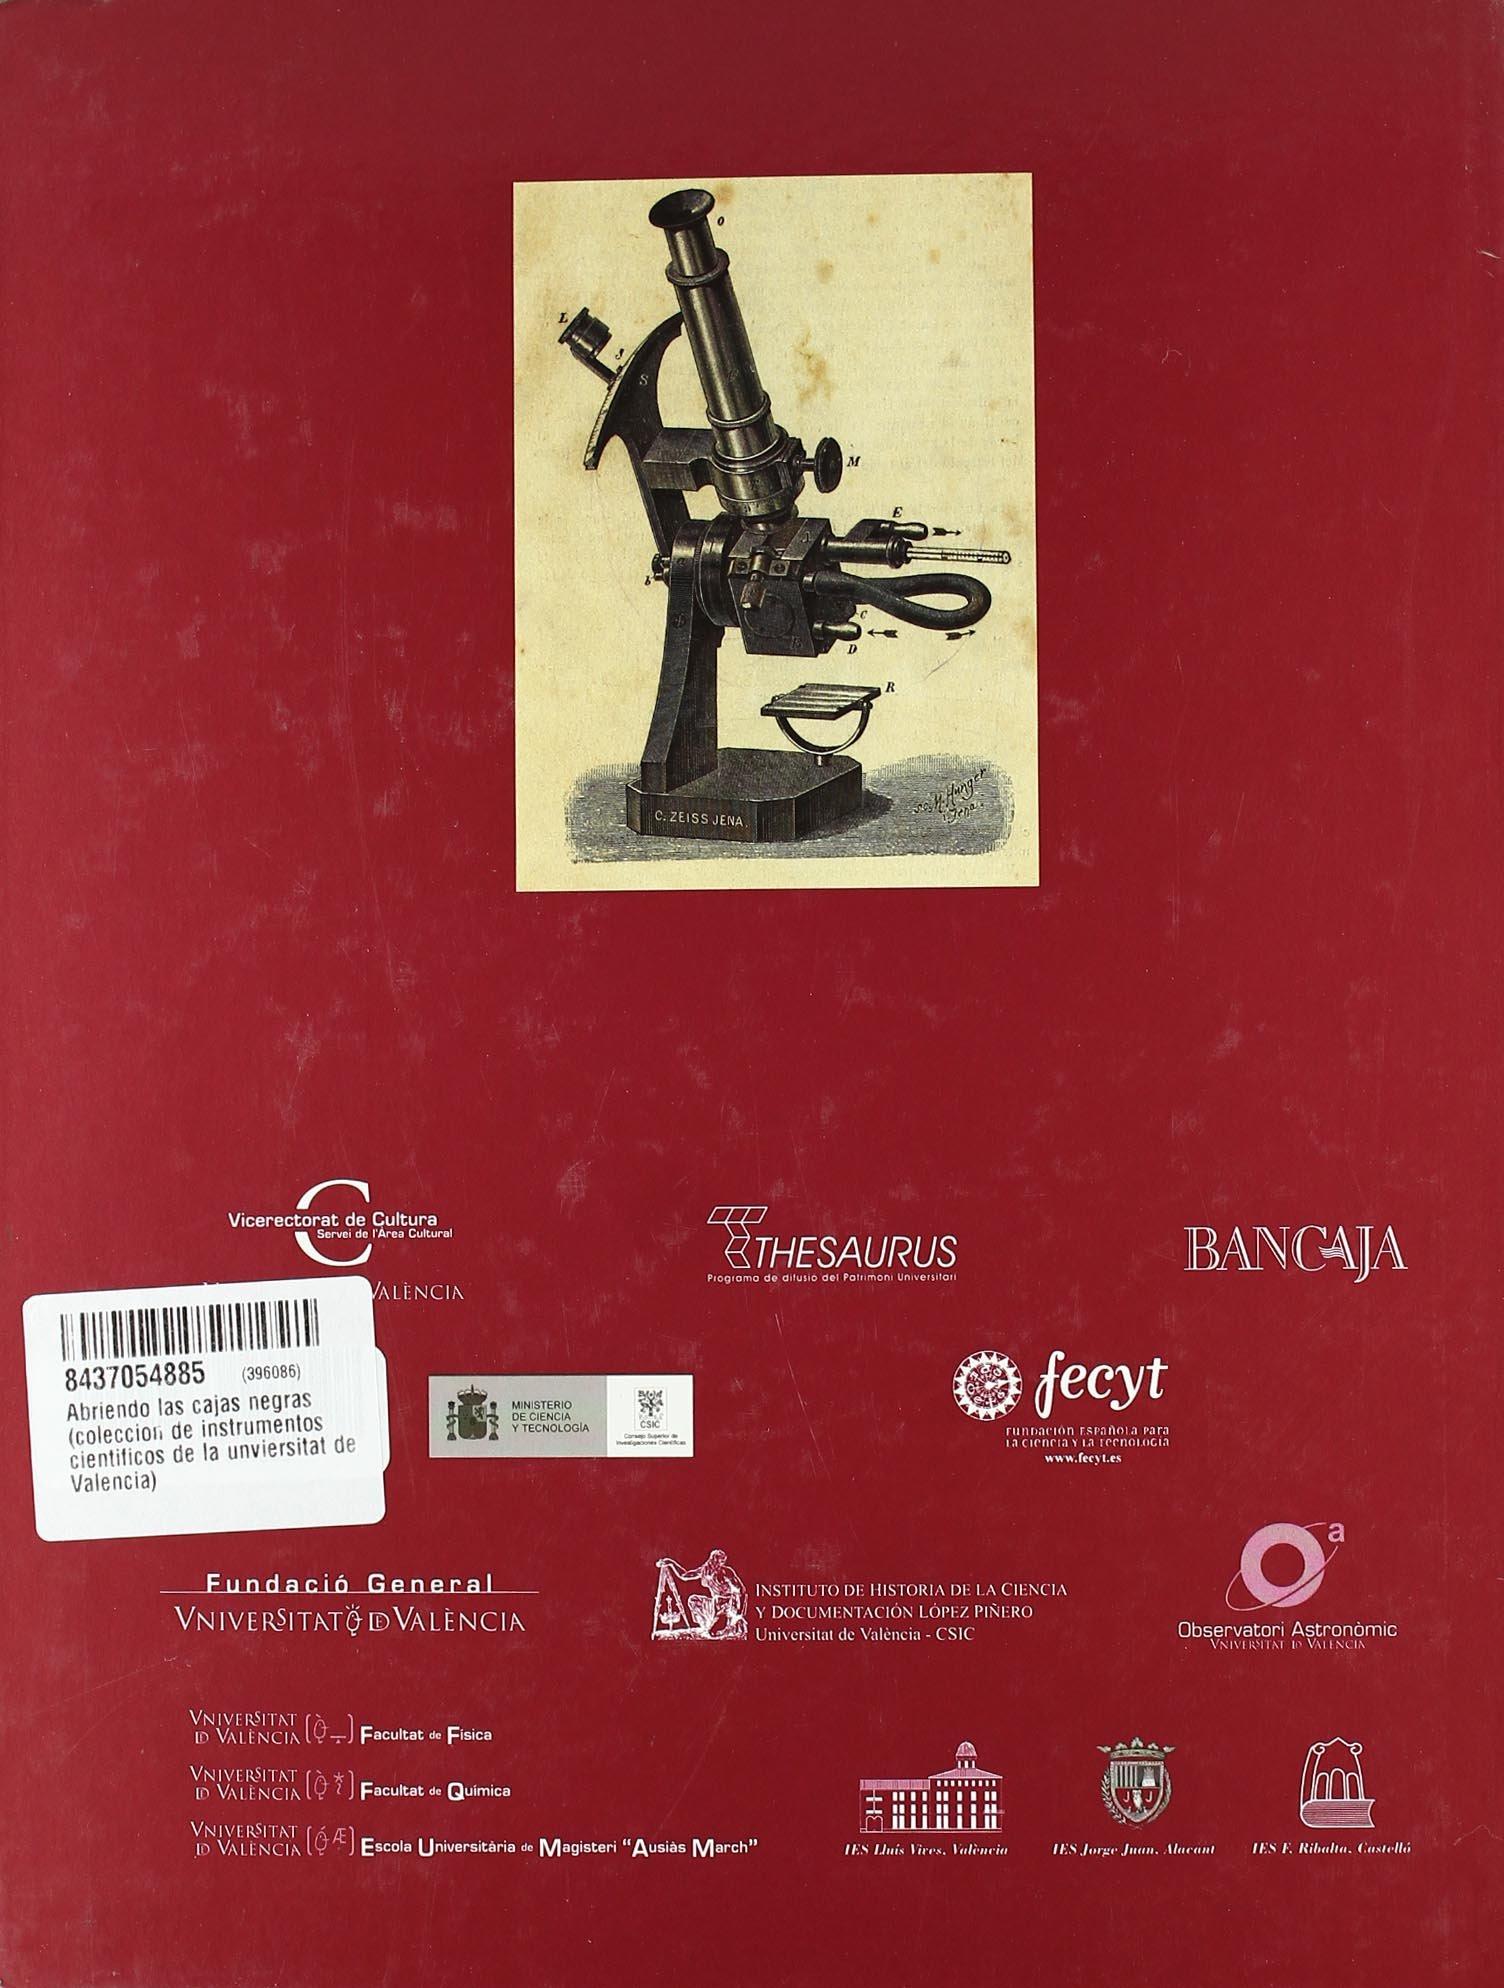 Abriendo las cajas negras : colección de instrumentos científicos de la Universitat de València: Amazon.es: José-Pío Beltrán Porter, Víctor Navarro Brotóns, ...